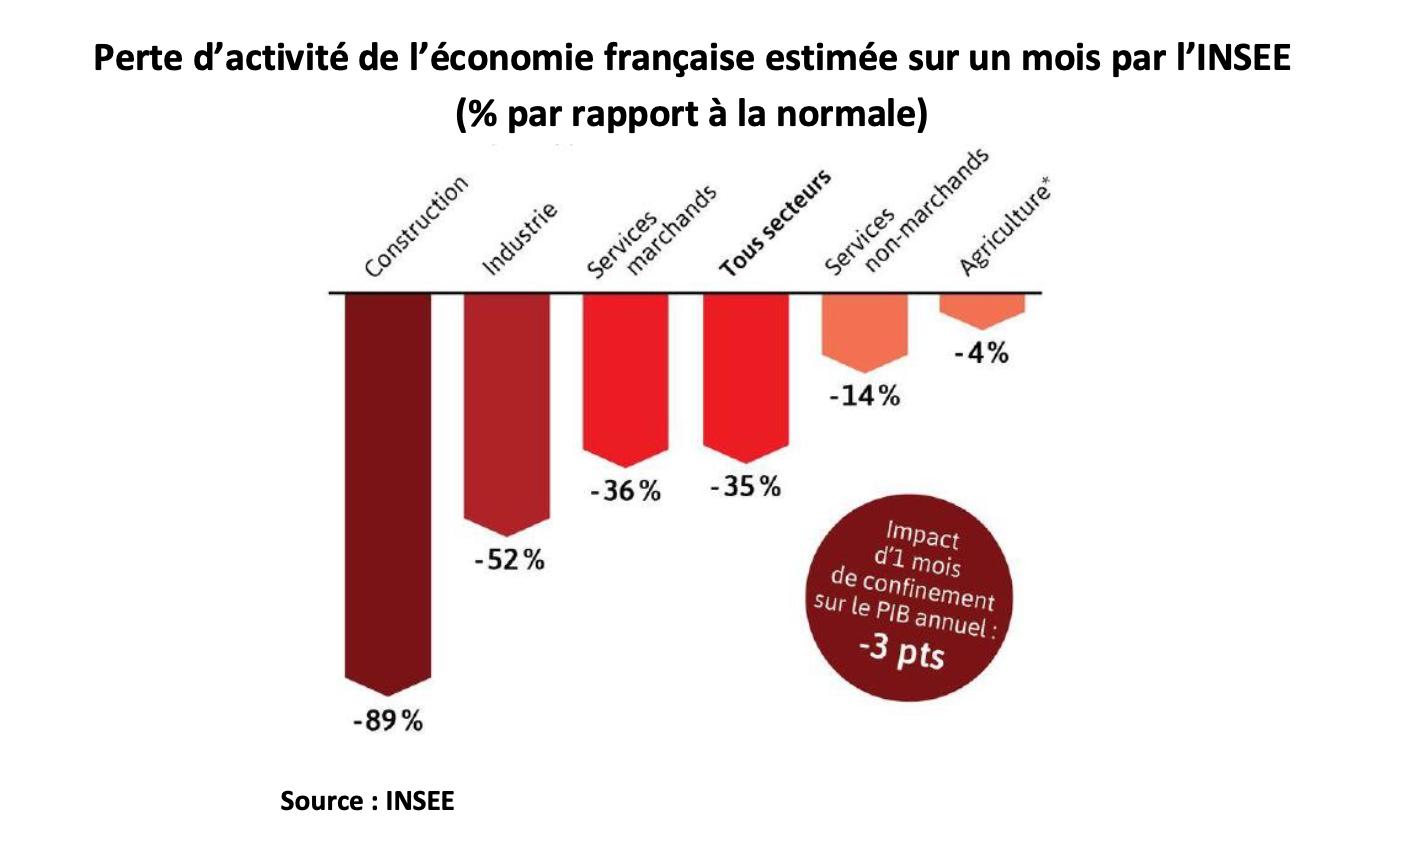 Pour sauver la France de la coronadépression : ré-injecter de la monnaie, donner au lieu de prêter